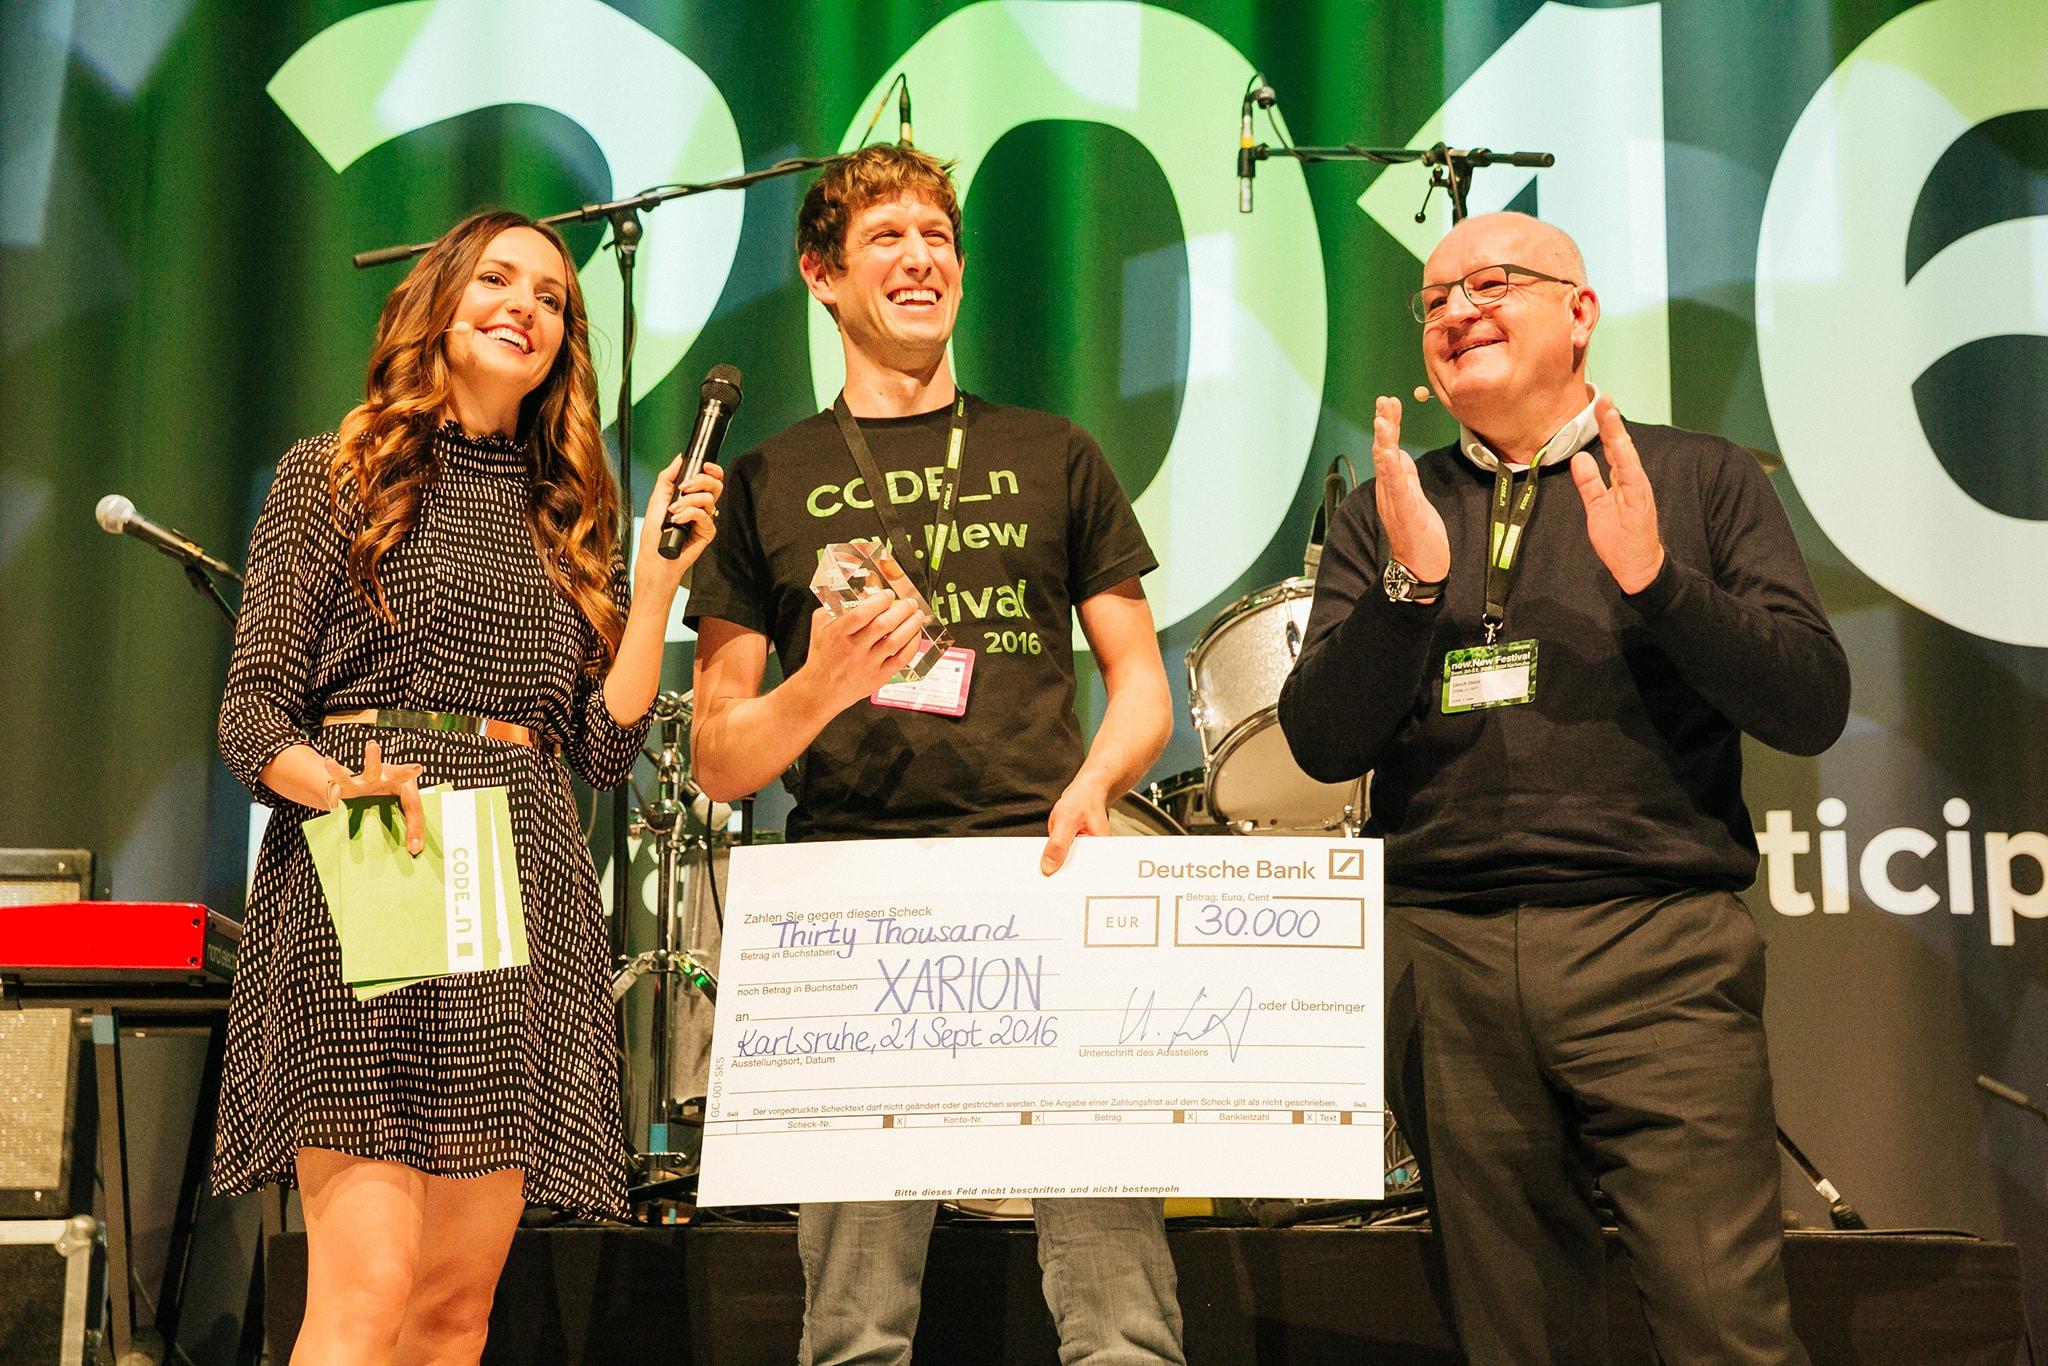 CODE_n new.New Festival 2016 Startup CONTEST Winner